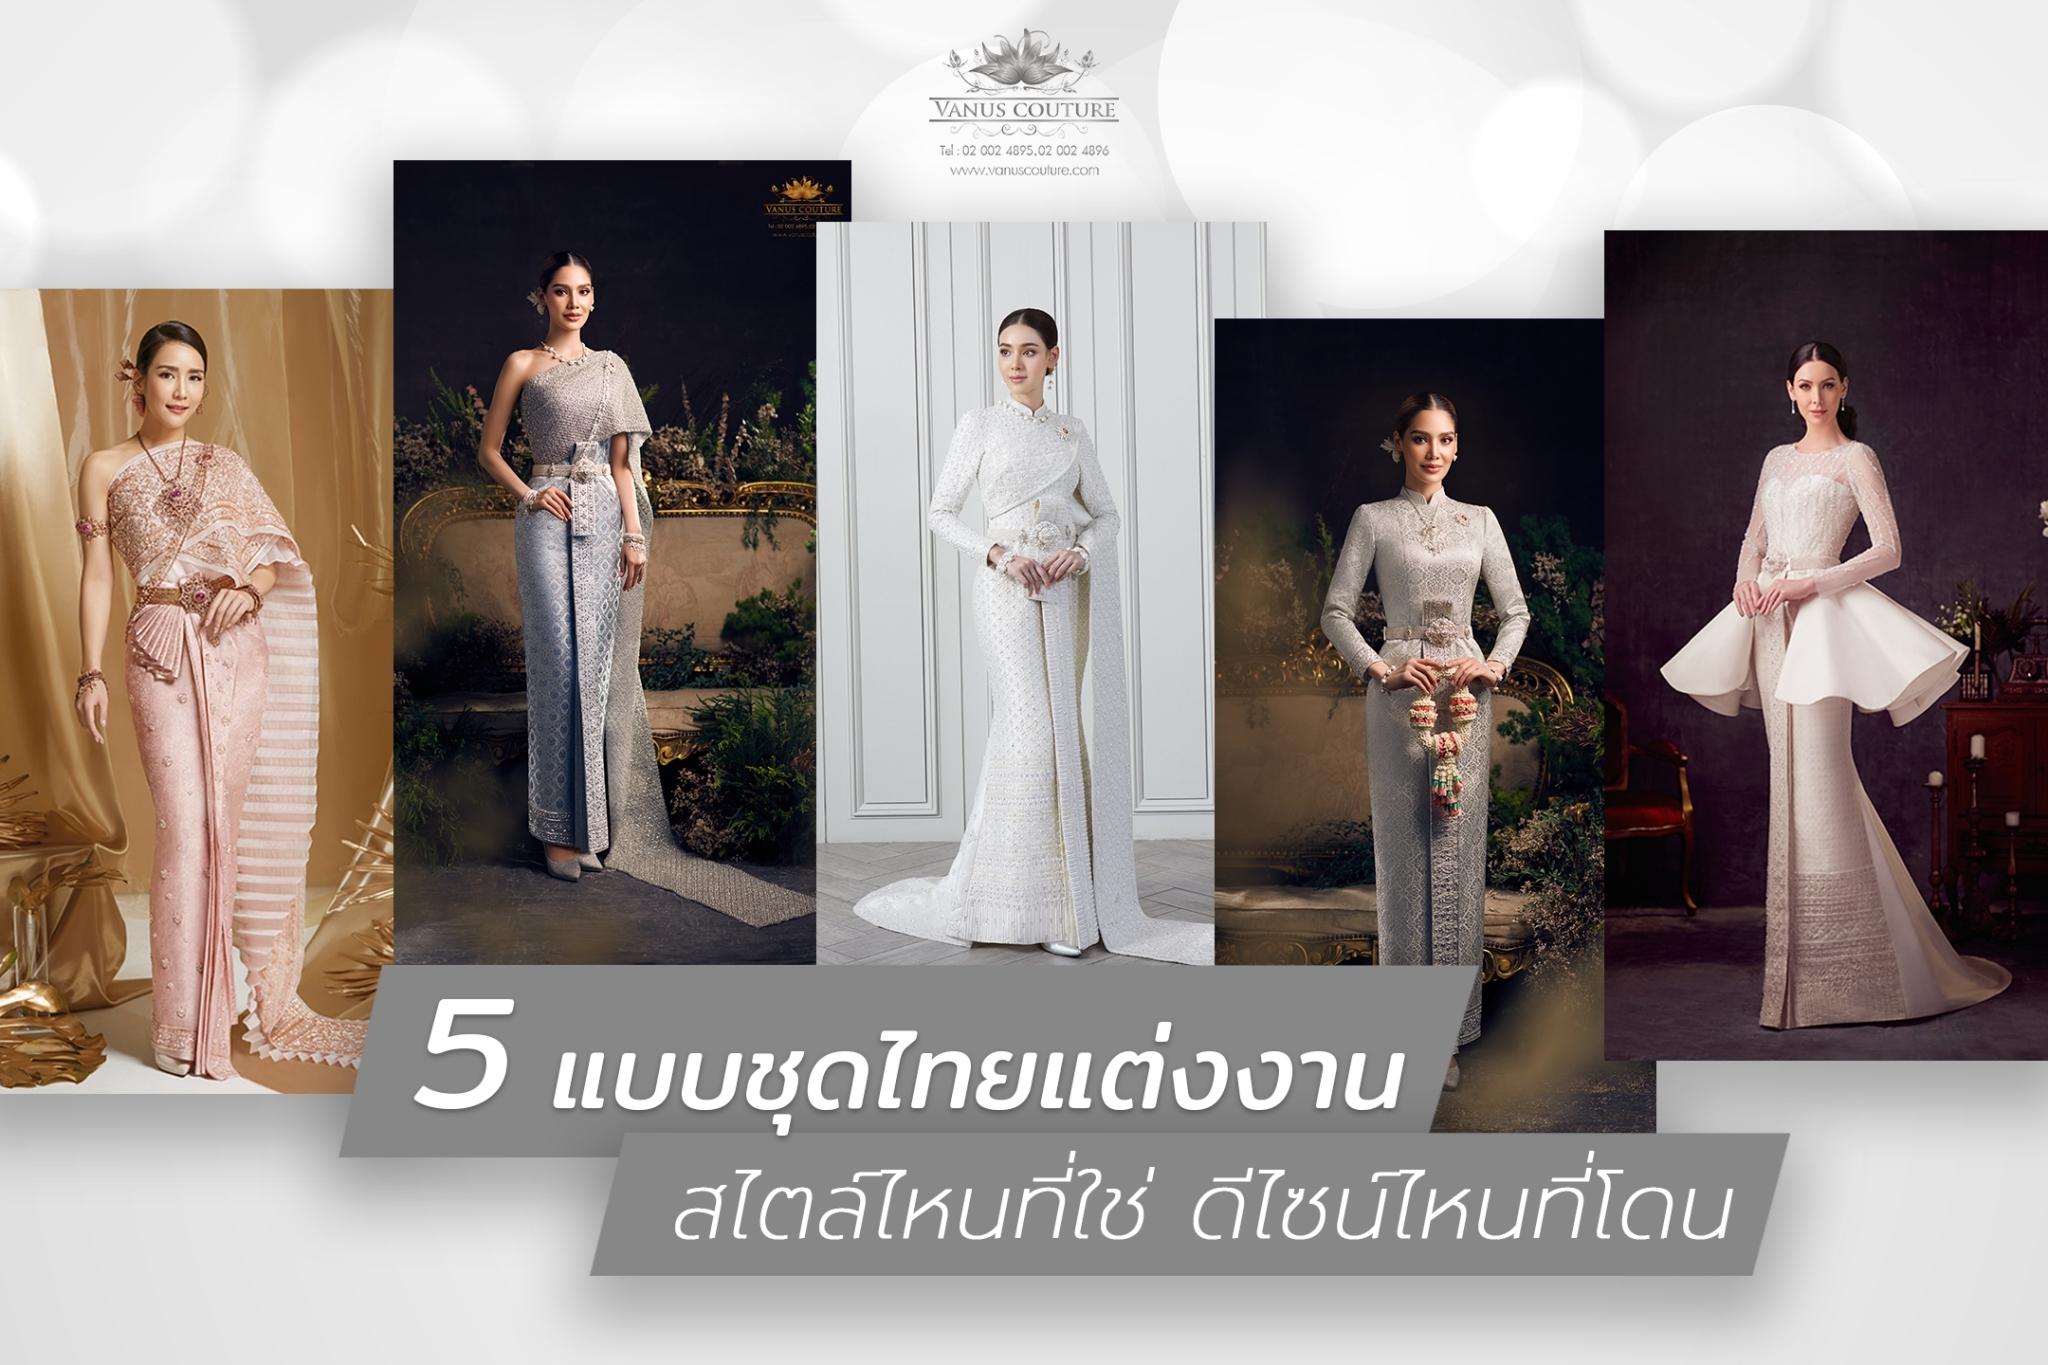 ชุดไทย 5 ประเภทที่นิยมสำหรับเจ้าสาว